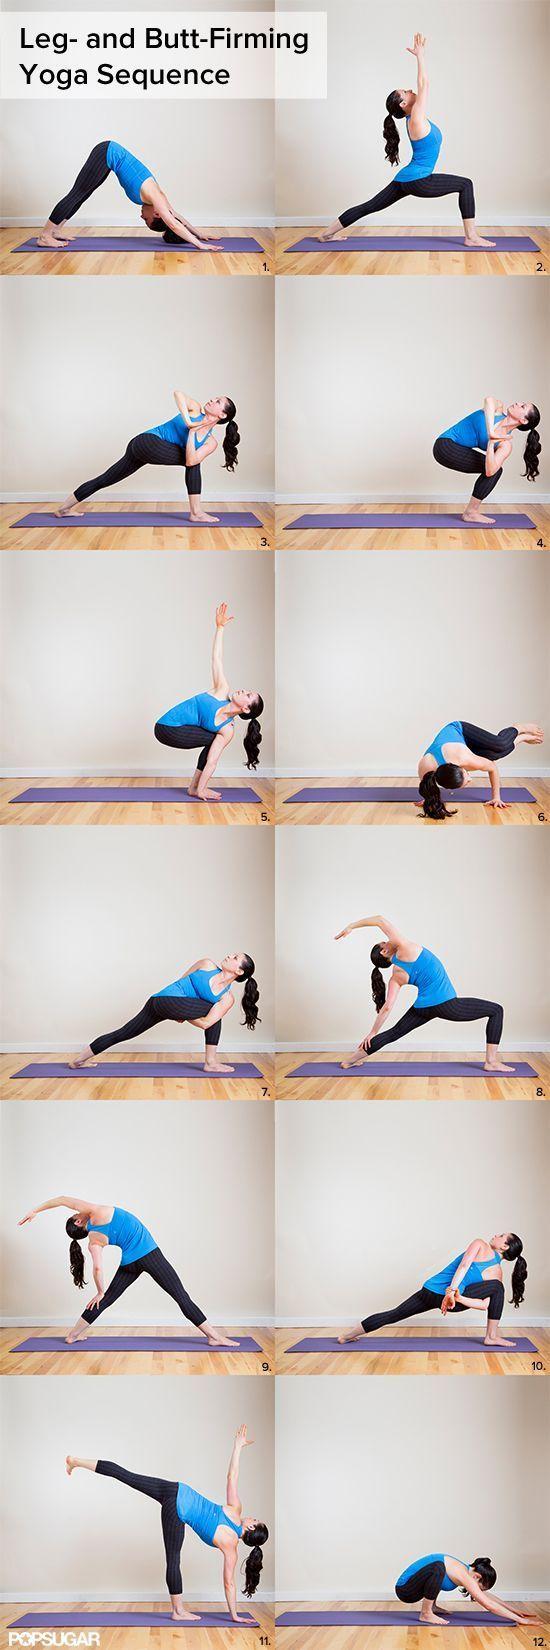 Leg and Butt Firming Yoga